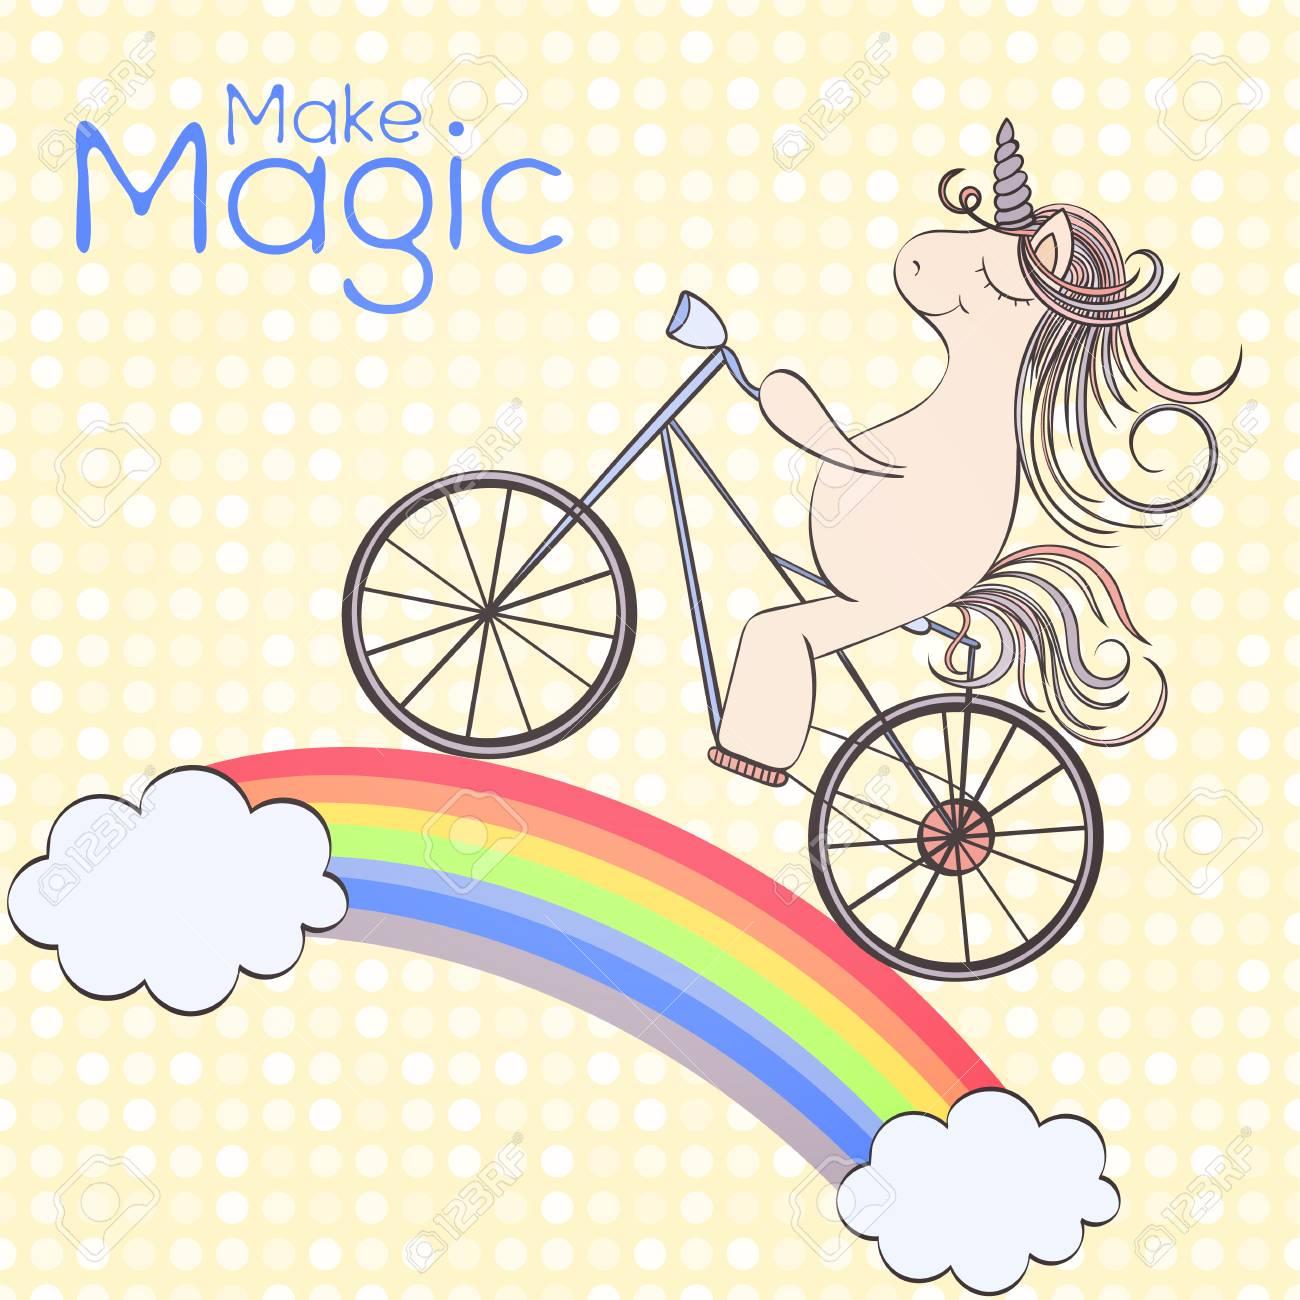 Vector Dibujado A Mano La Tarjeta De Cumpleaños Del Unicornio Y Que Se Pueden Utilizar Para Otras Tarjetas De Vacaciones Invitación O Página Web